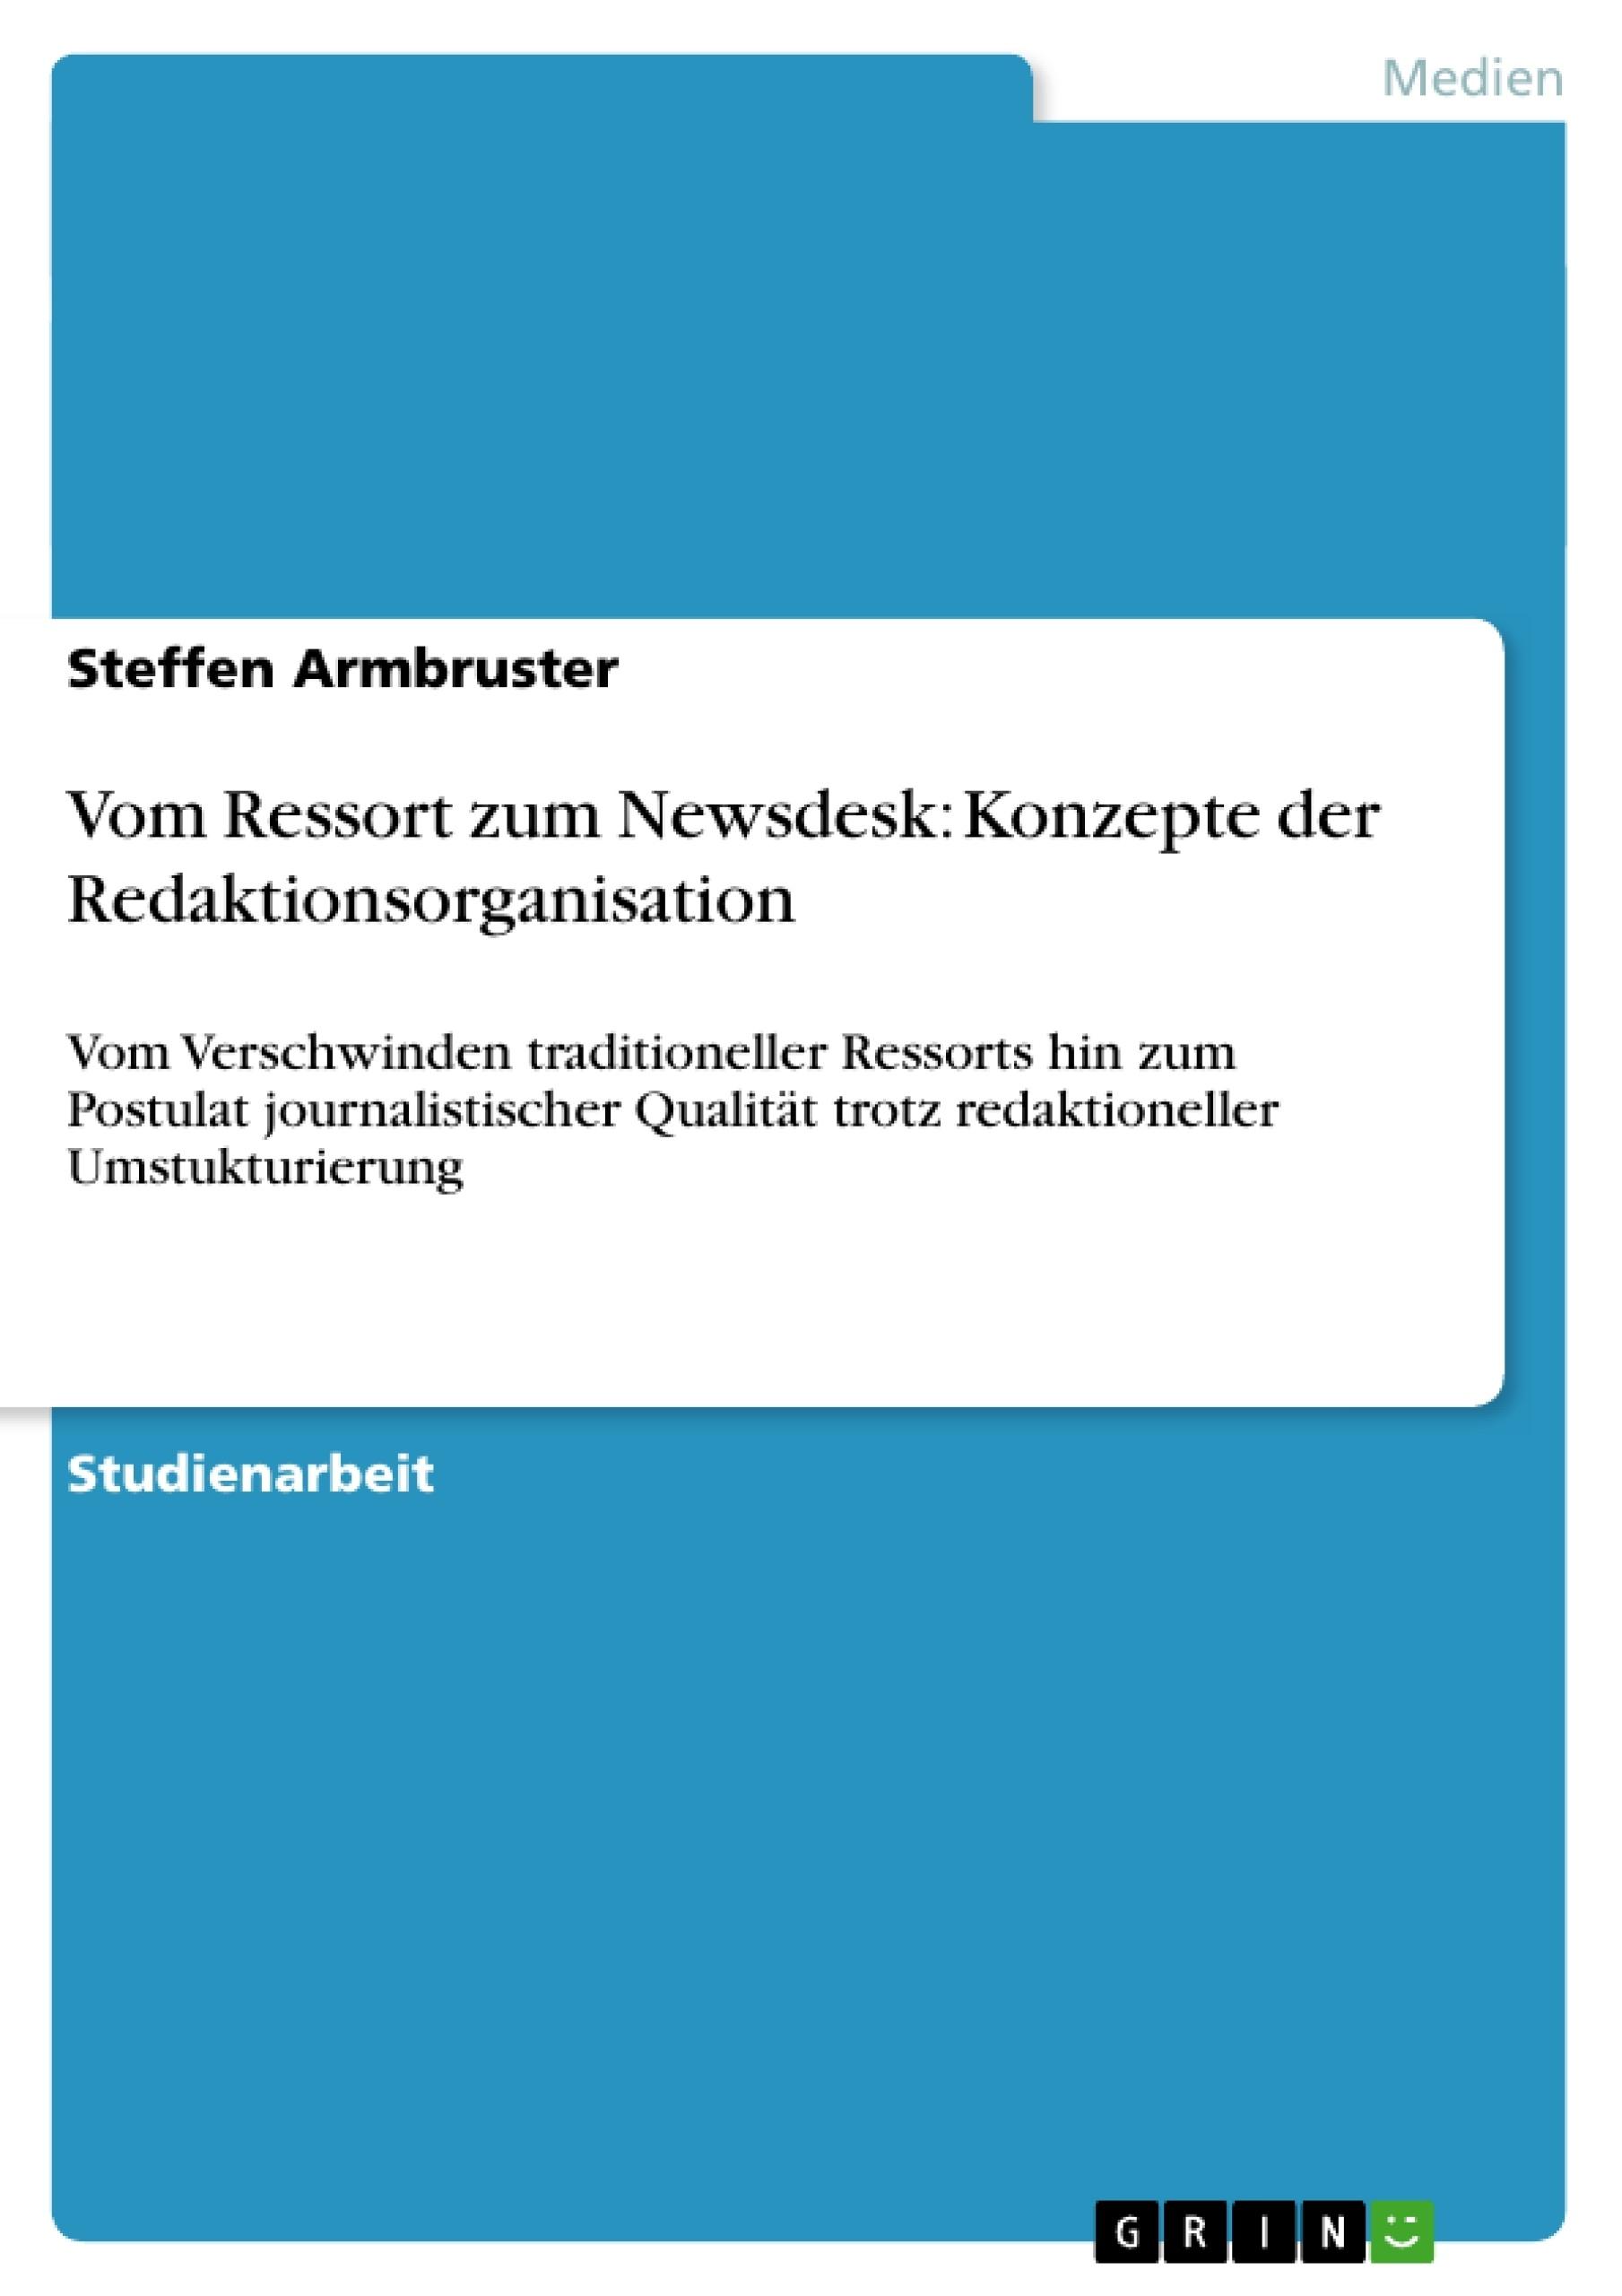 Titel: Vom Ressort zum Newsdesk: Konzepte der Redaktionsorganisation